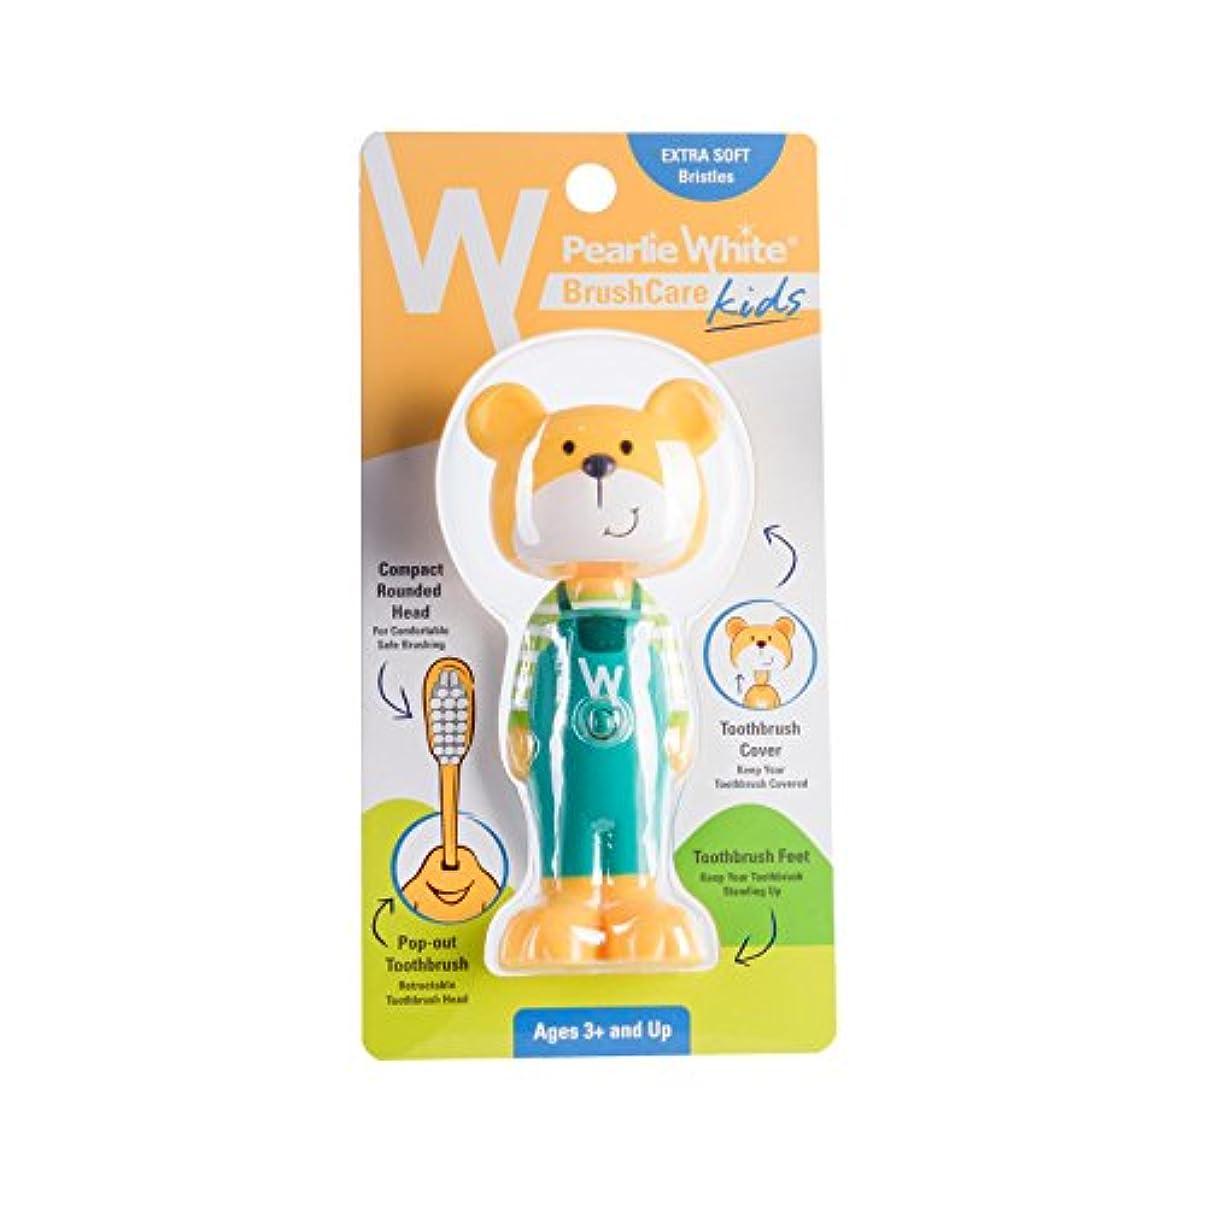 コークス絶滅させる王位Pearlie White(パーリーホワイト) ブラシケア キッズ BEAR(クマ) (1本)